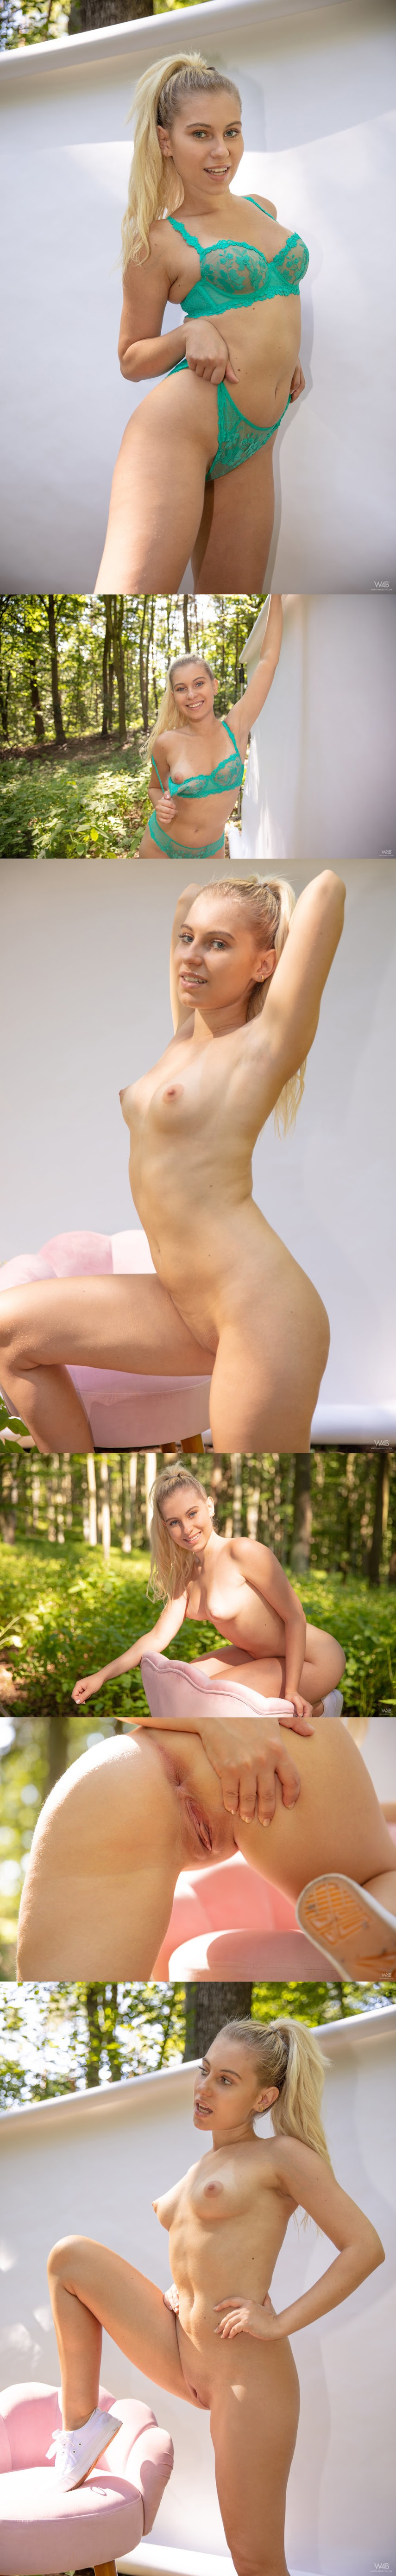 256564 [WB4Y] Lilly Bella - New Talent Lilly Bella